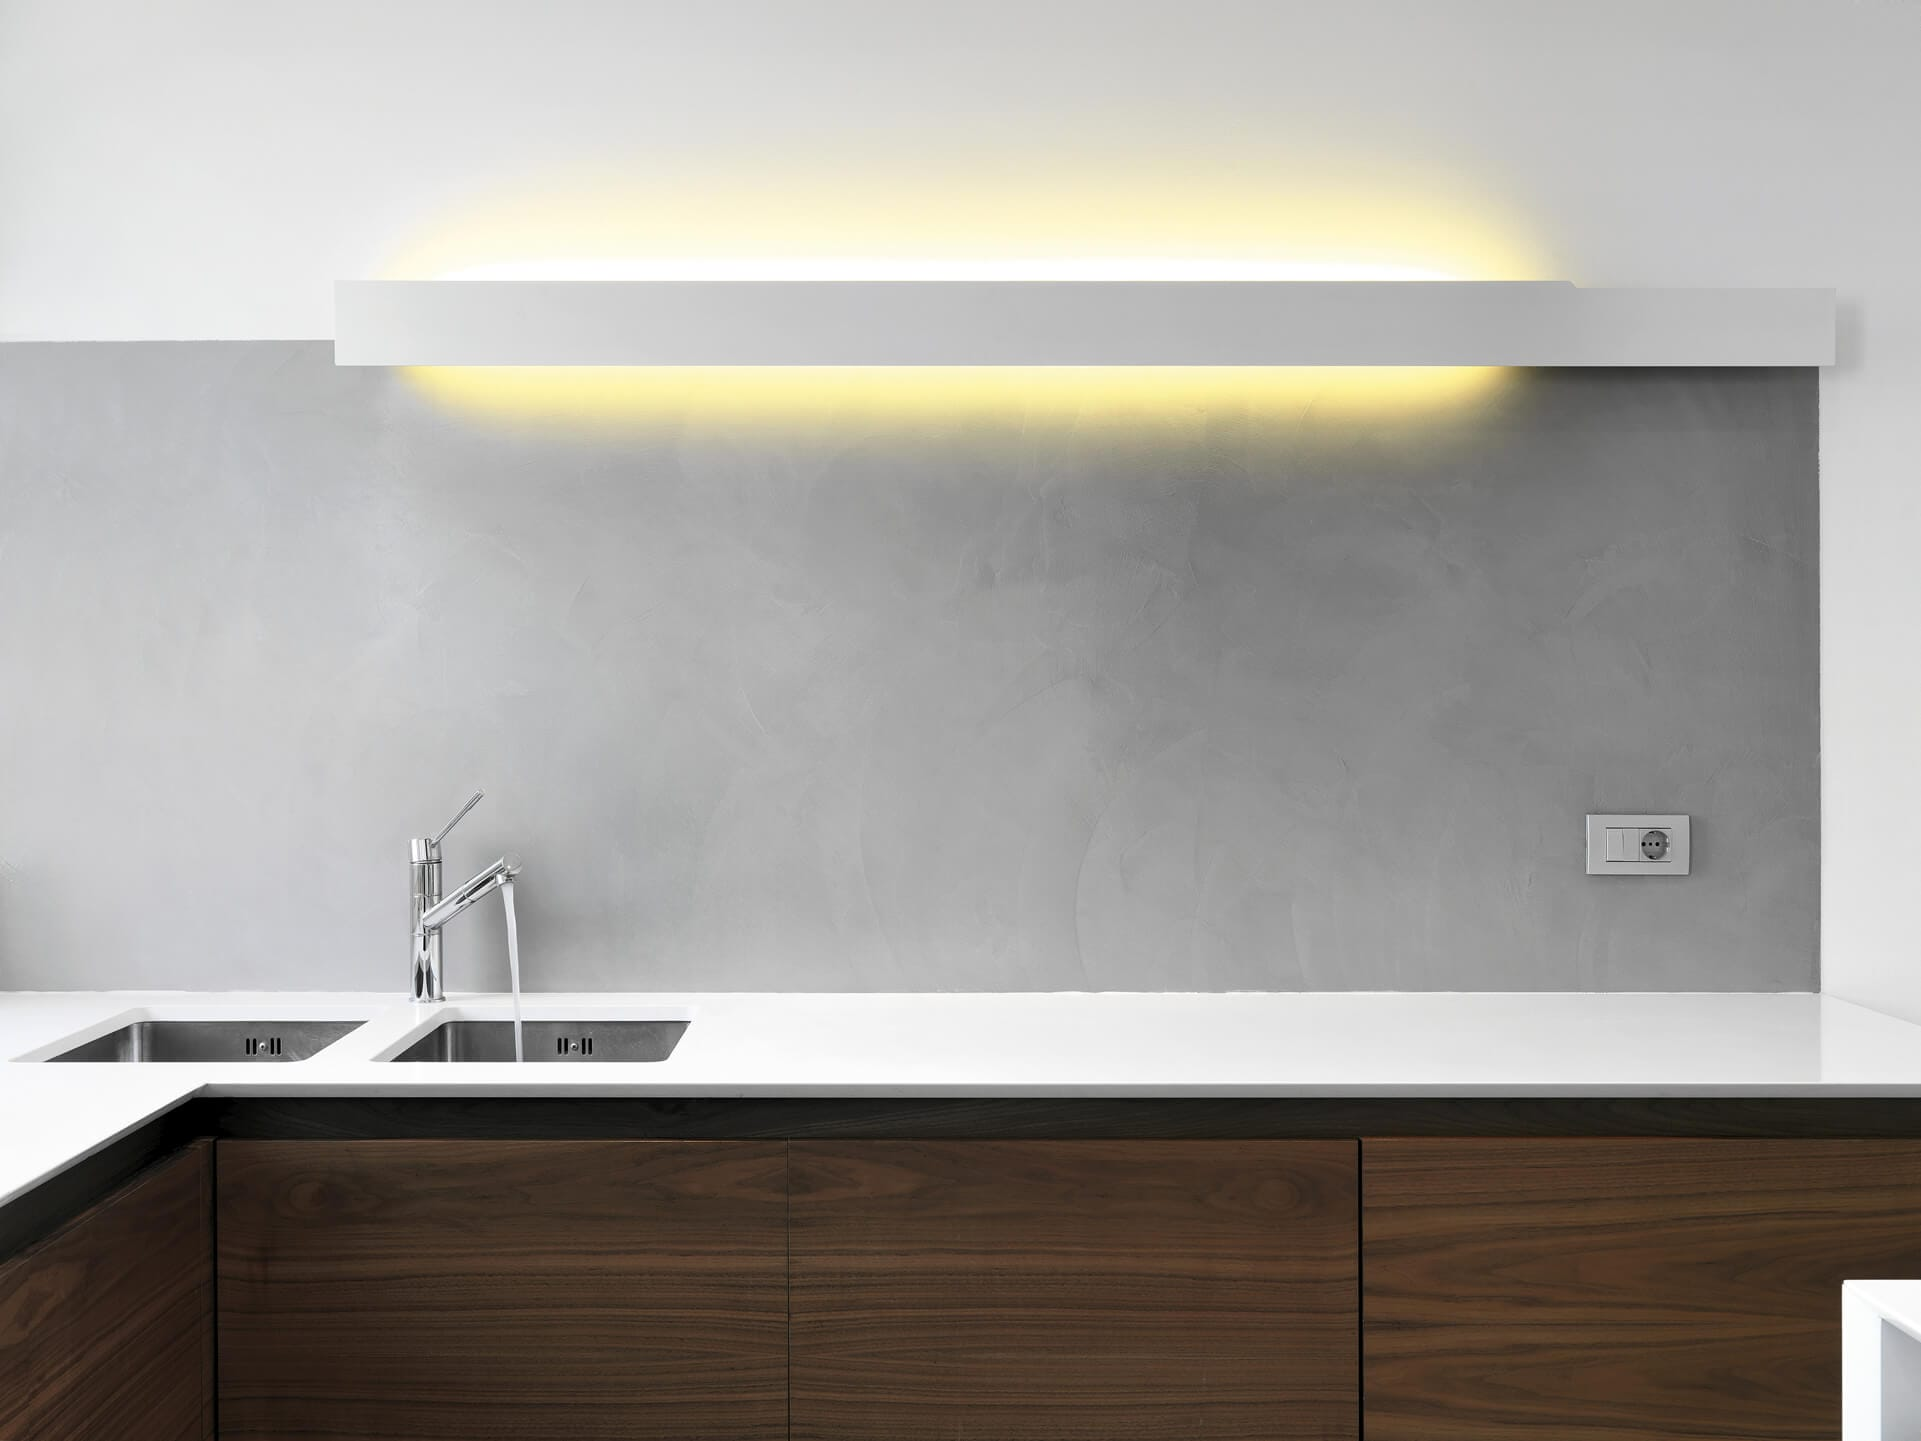 Grazie alla sua esclusiva caratteristica,è in grado di rivestire e proteggere le tue pareti con uno. Rivestimento Cucina In Resina Pareti In Resina Resingroup